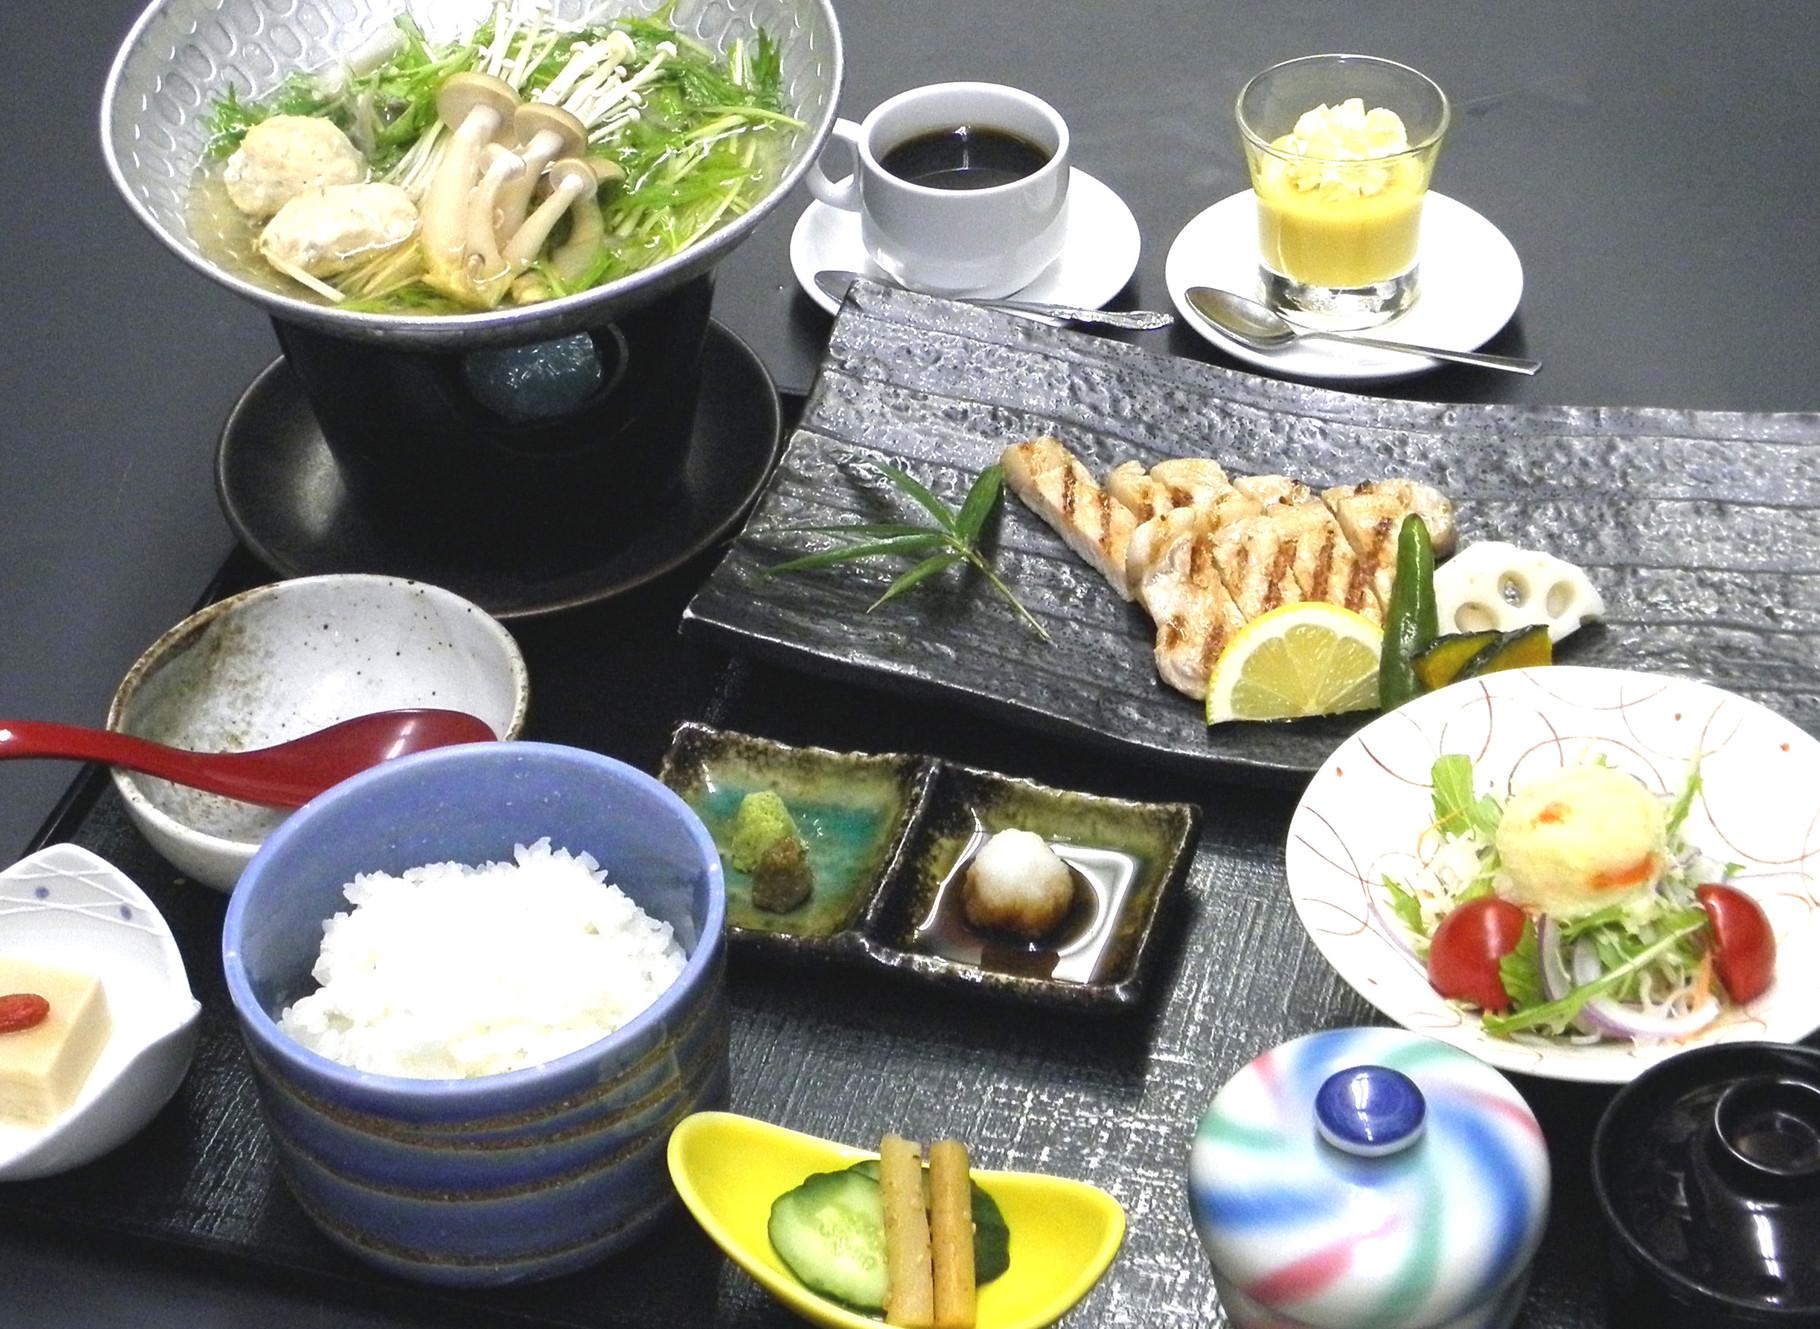 豚の炙り焼き御膳 1,300円(税込)